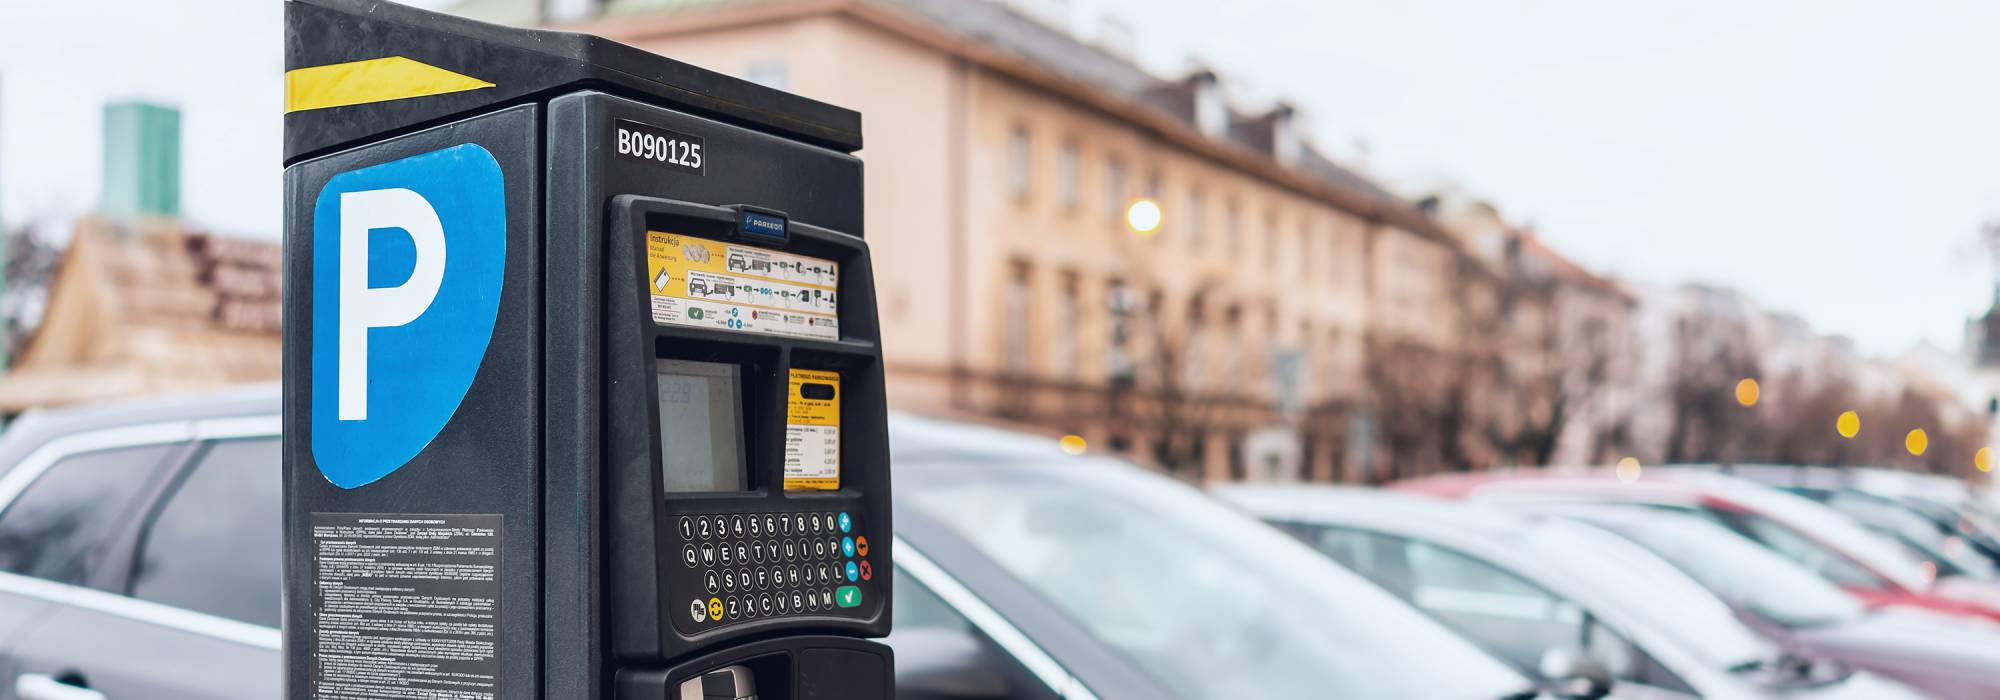 Parking meter rolls